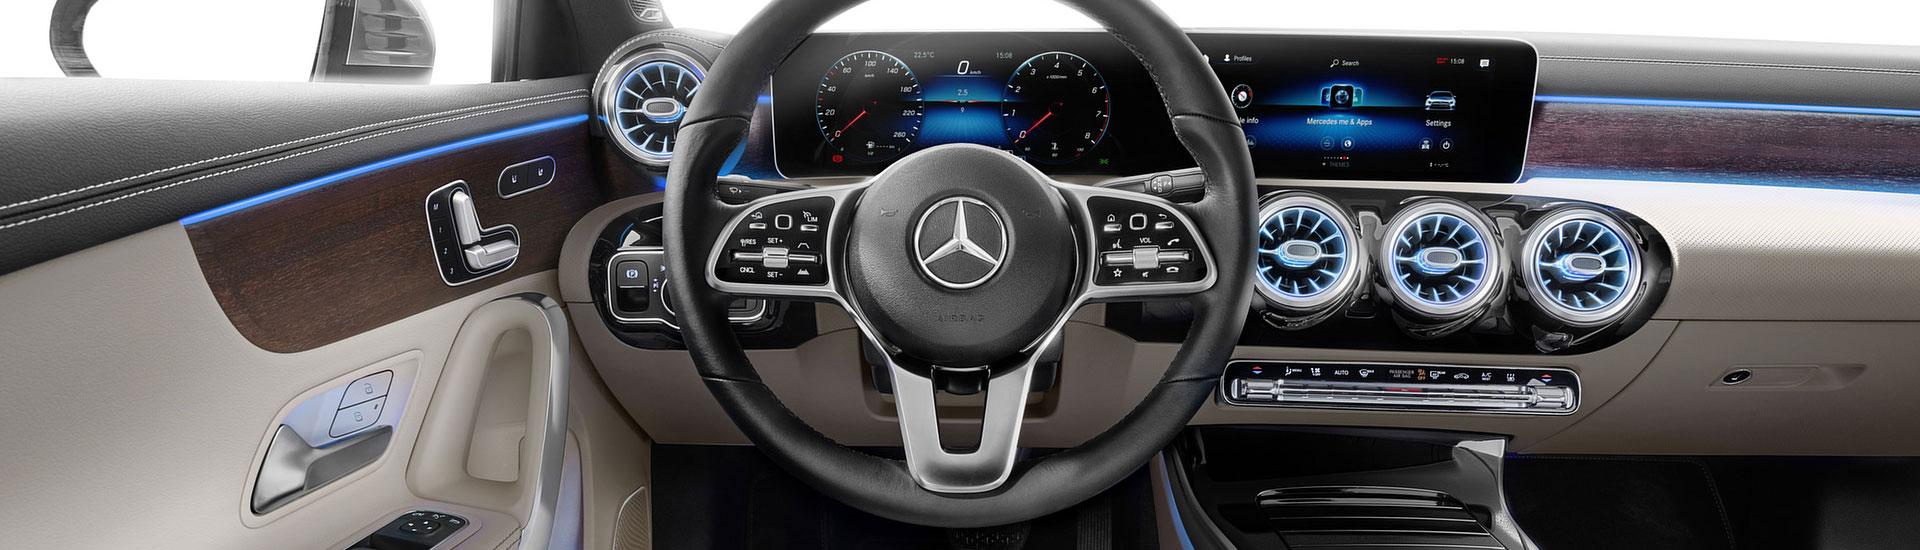 HKPKYK Decoraci/ón del aire acondicionado,Para Mercedes Benz Clase A W177 2019-2020 etiqueta adhesiva Decoraci/ón del marco de salida de aire acondicionado del coche